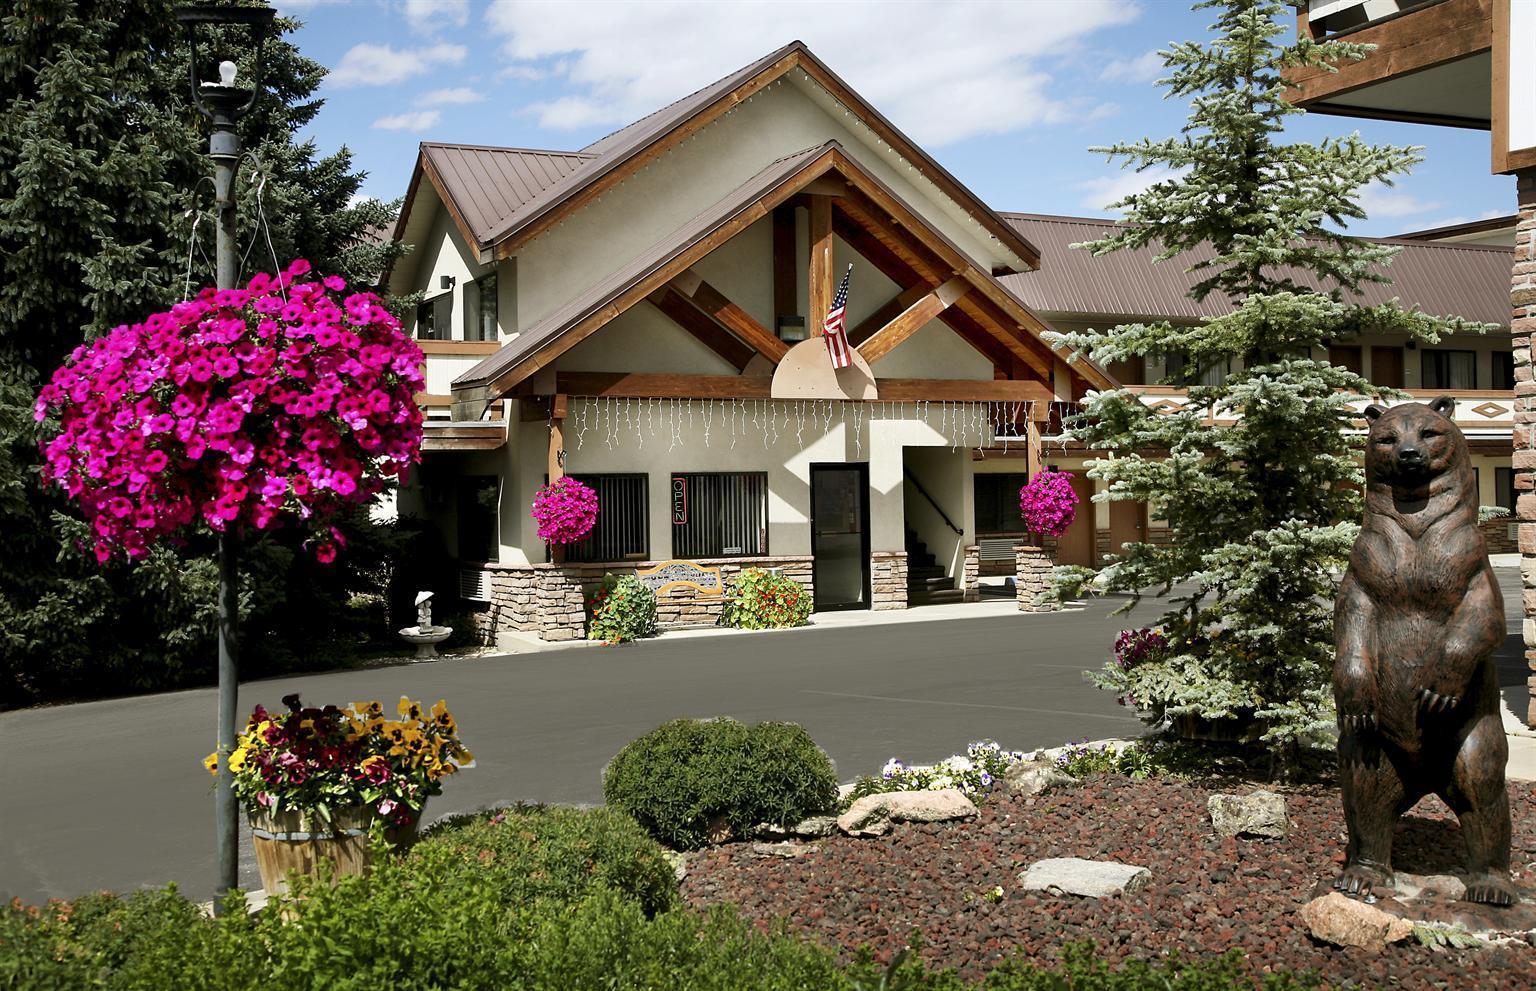 Americas Best Value Inn Sundowner Motel, Grand